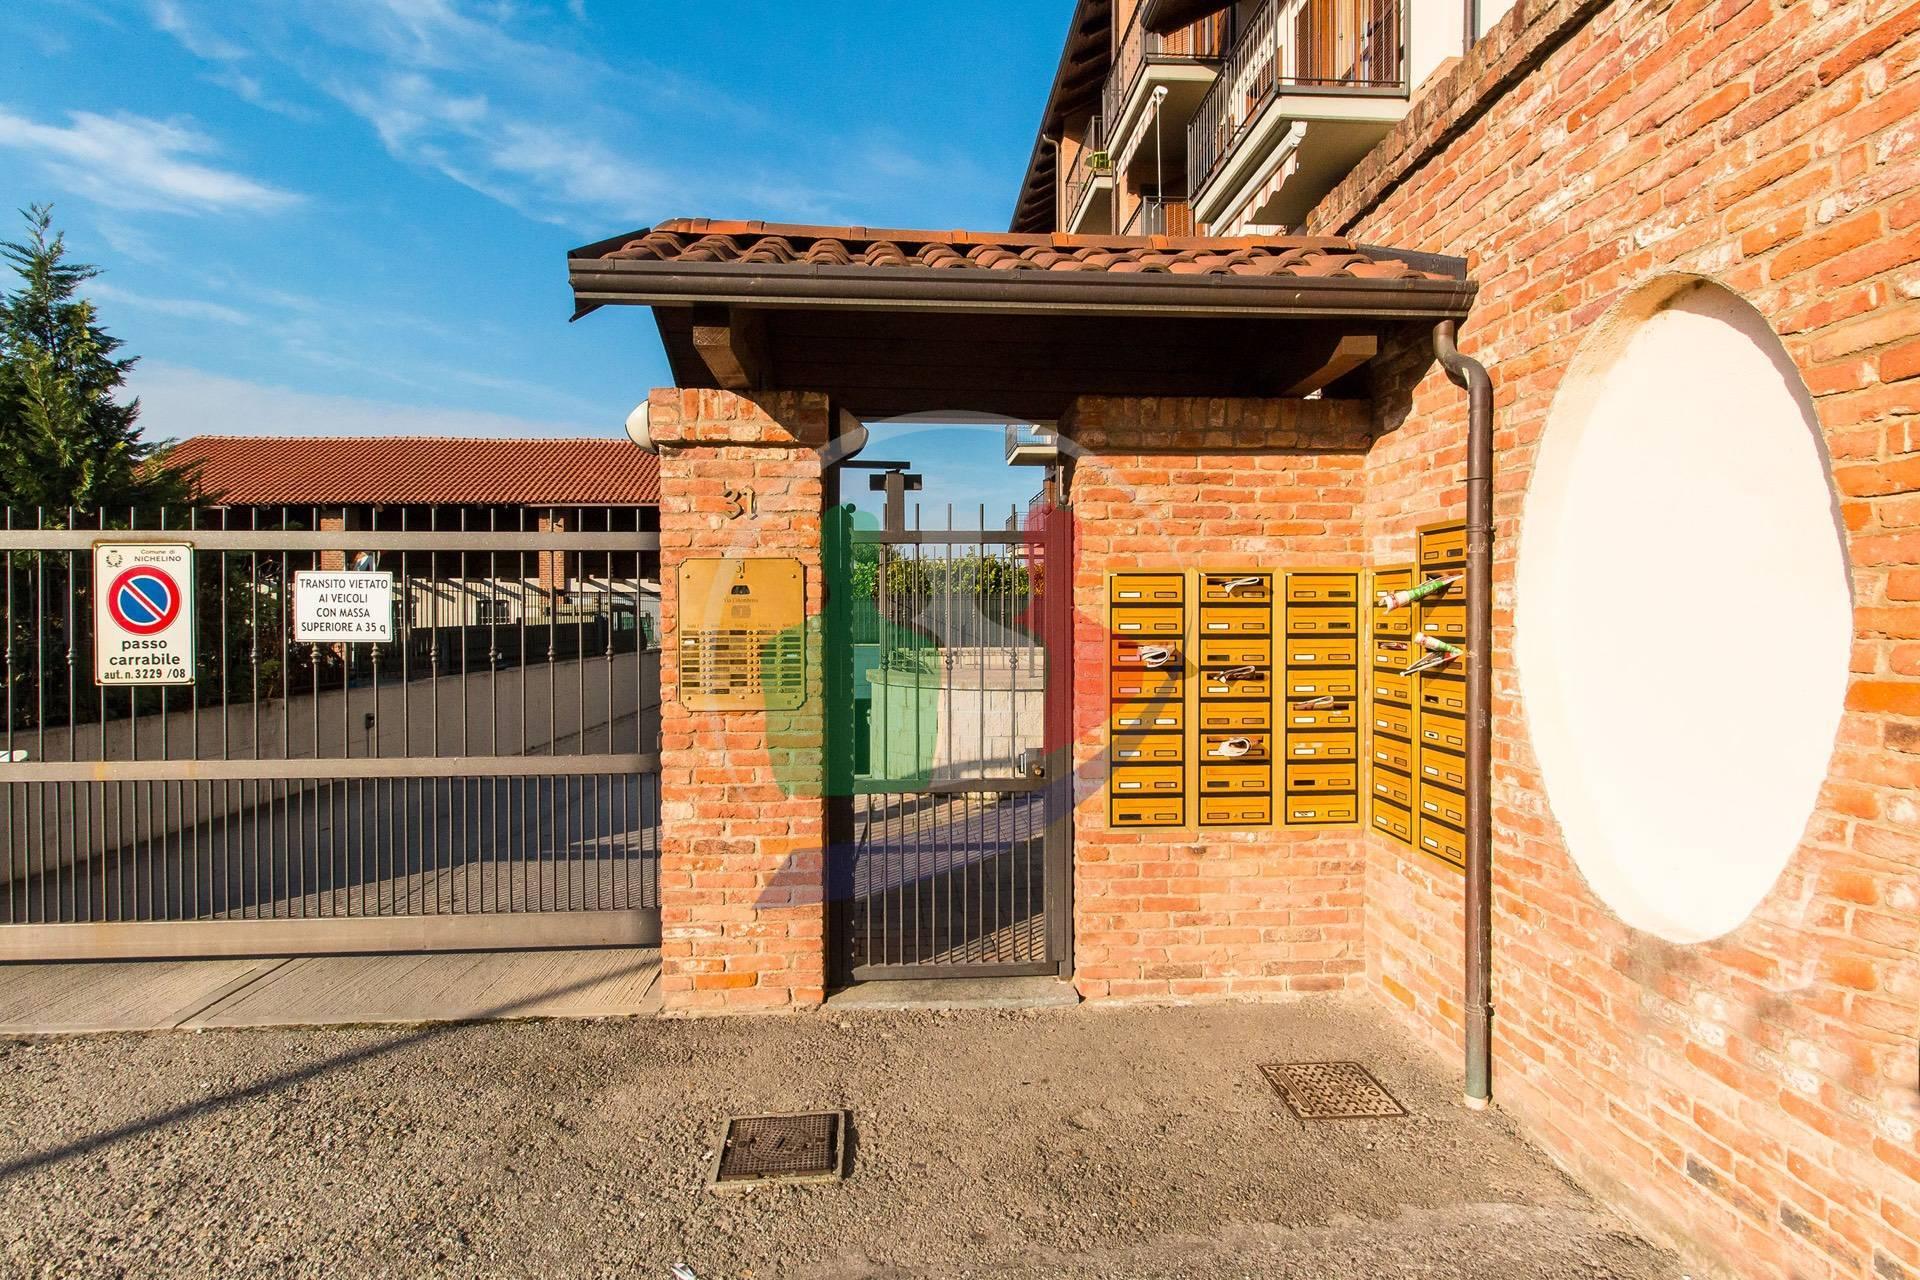 Appartamento in vendita a Nichelino, 2 locali, prezzo € 127.000 | PortaleAgenzieImmobiliari.it